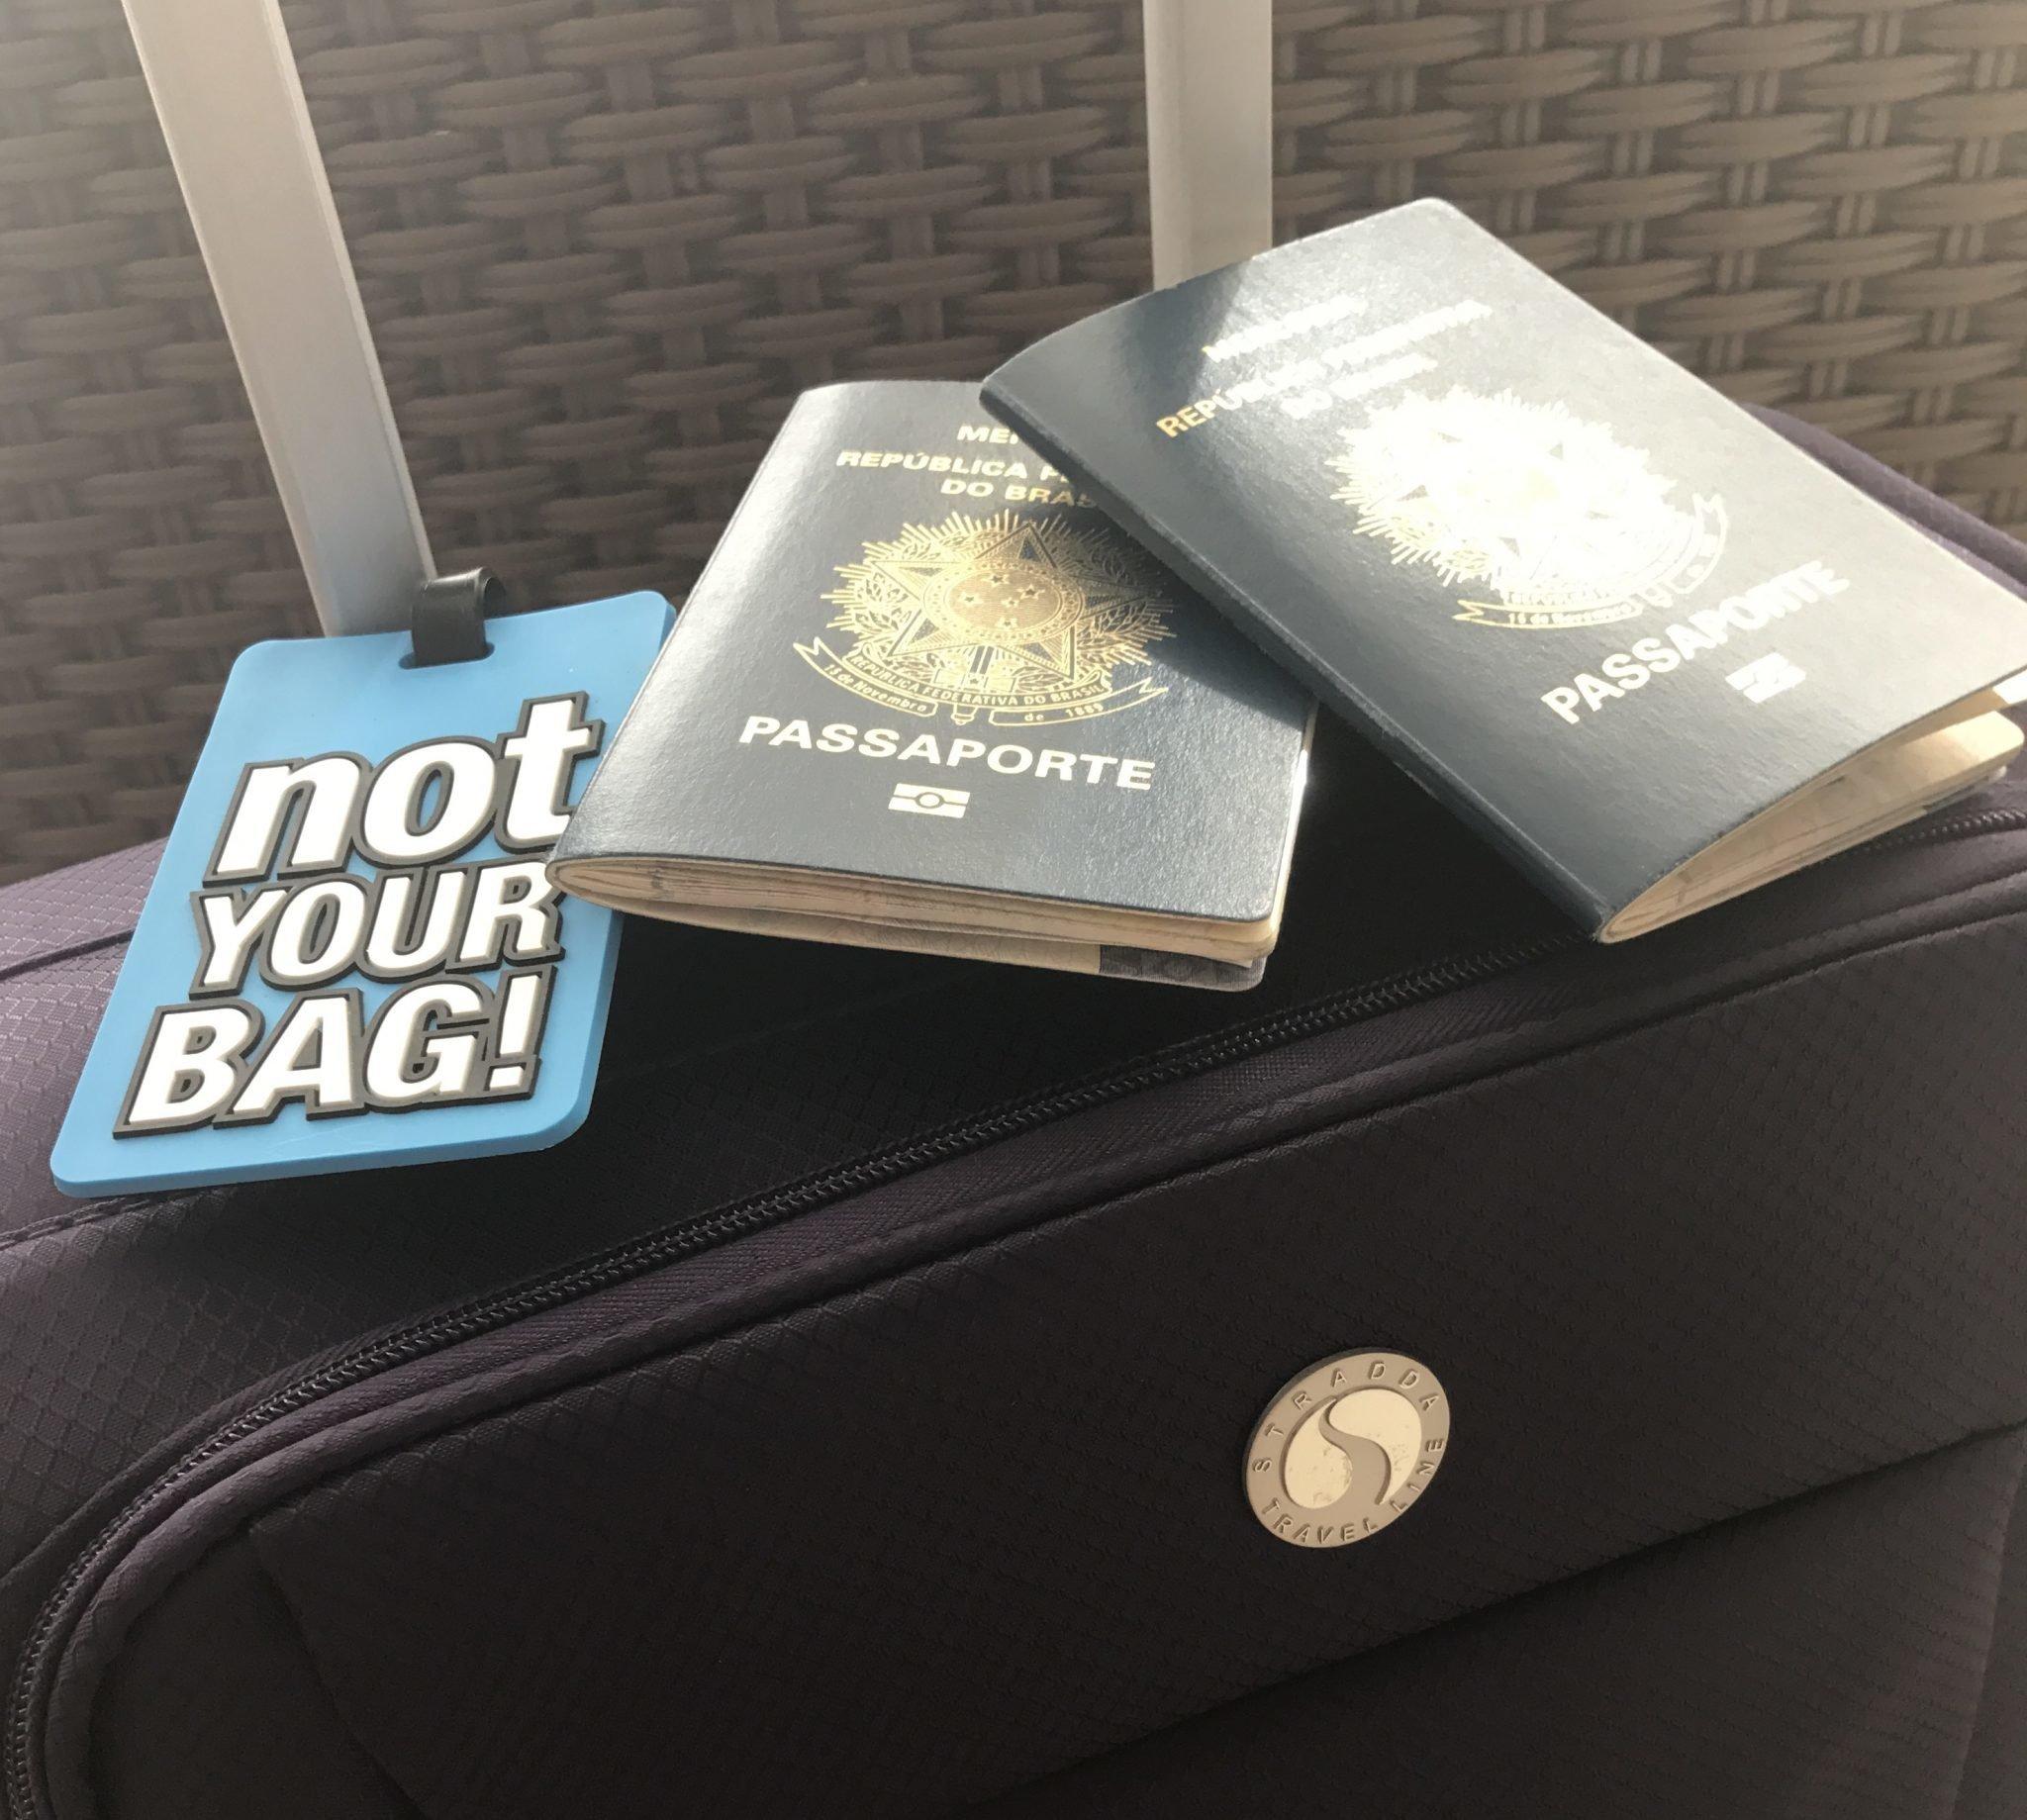 Suspensão da emissão dos passaportes? O que aconteceu?